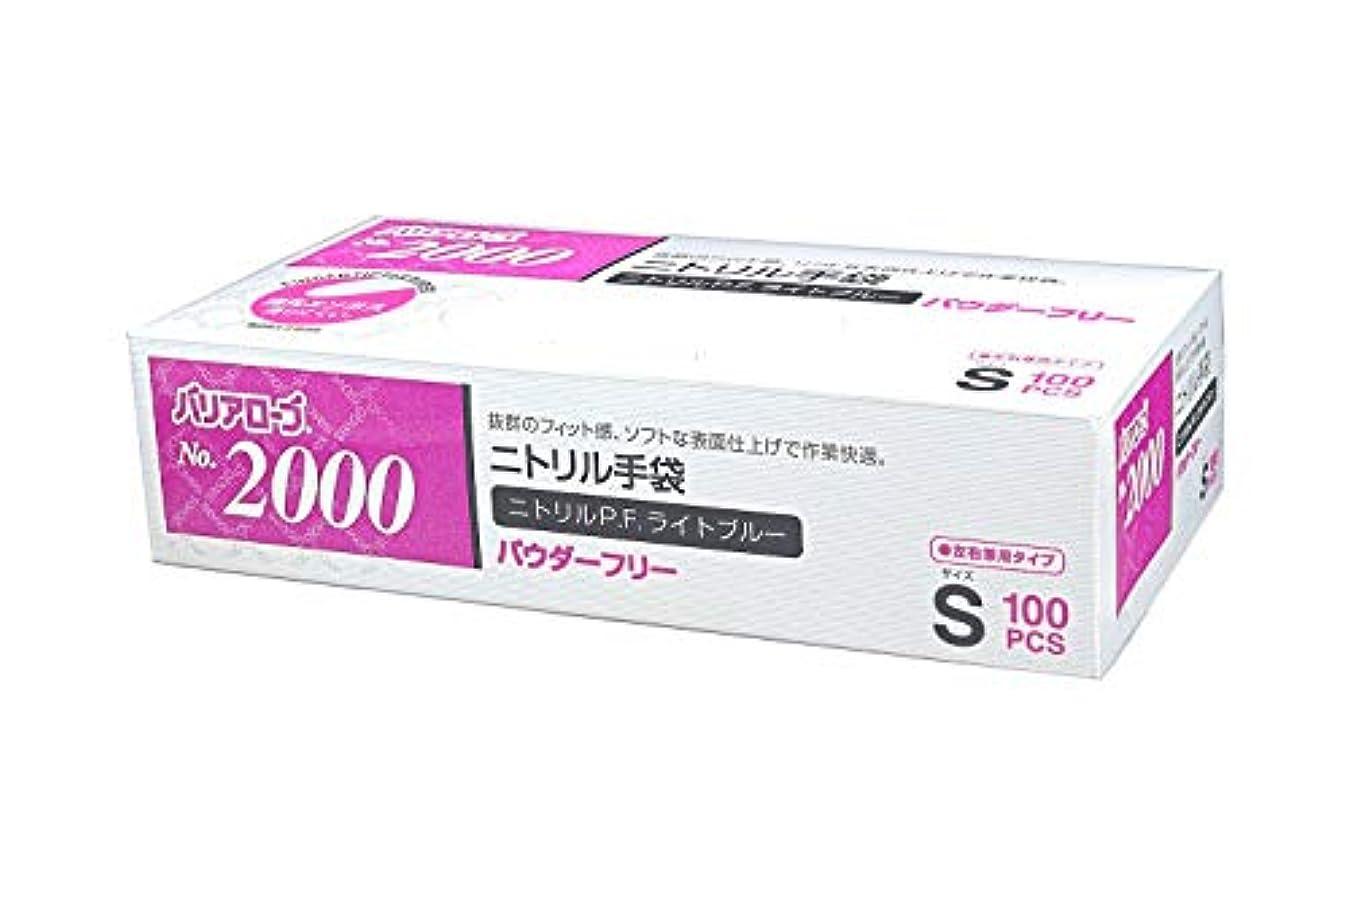 以上悪性腫瘍強調【ケース販売】 バリアローブ №2000 ニトリルP.F.ライト ブルー (パウダーフリー) S 2000枚(100枚×20箱)